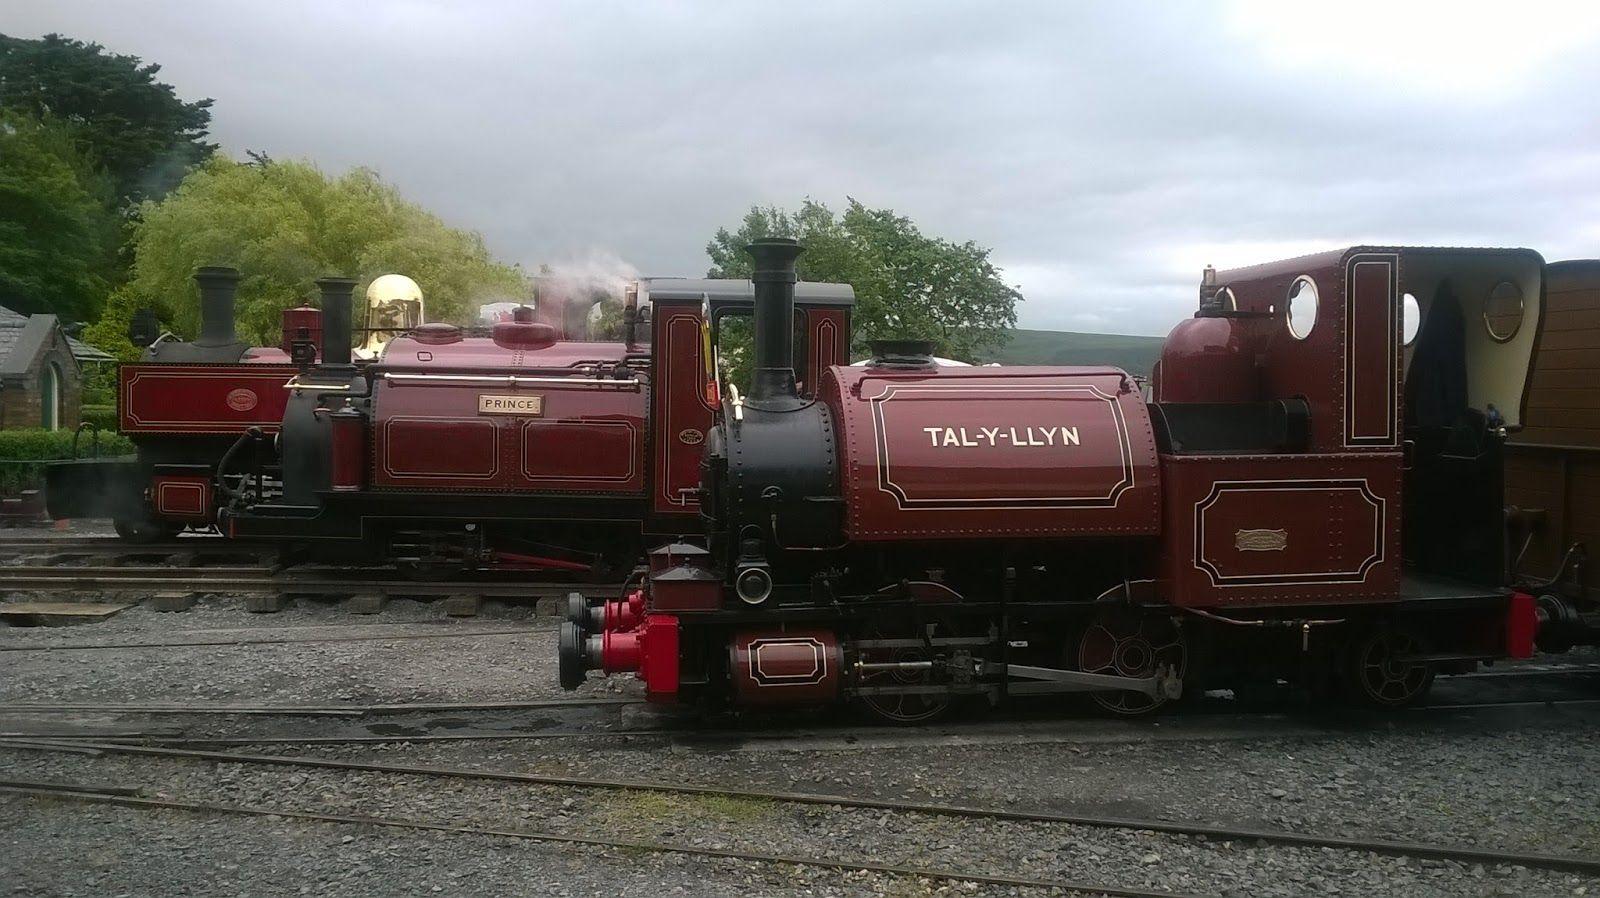 Fifth Defibrillator Installed At The Talyllyn Railway